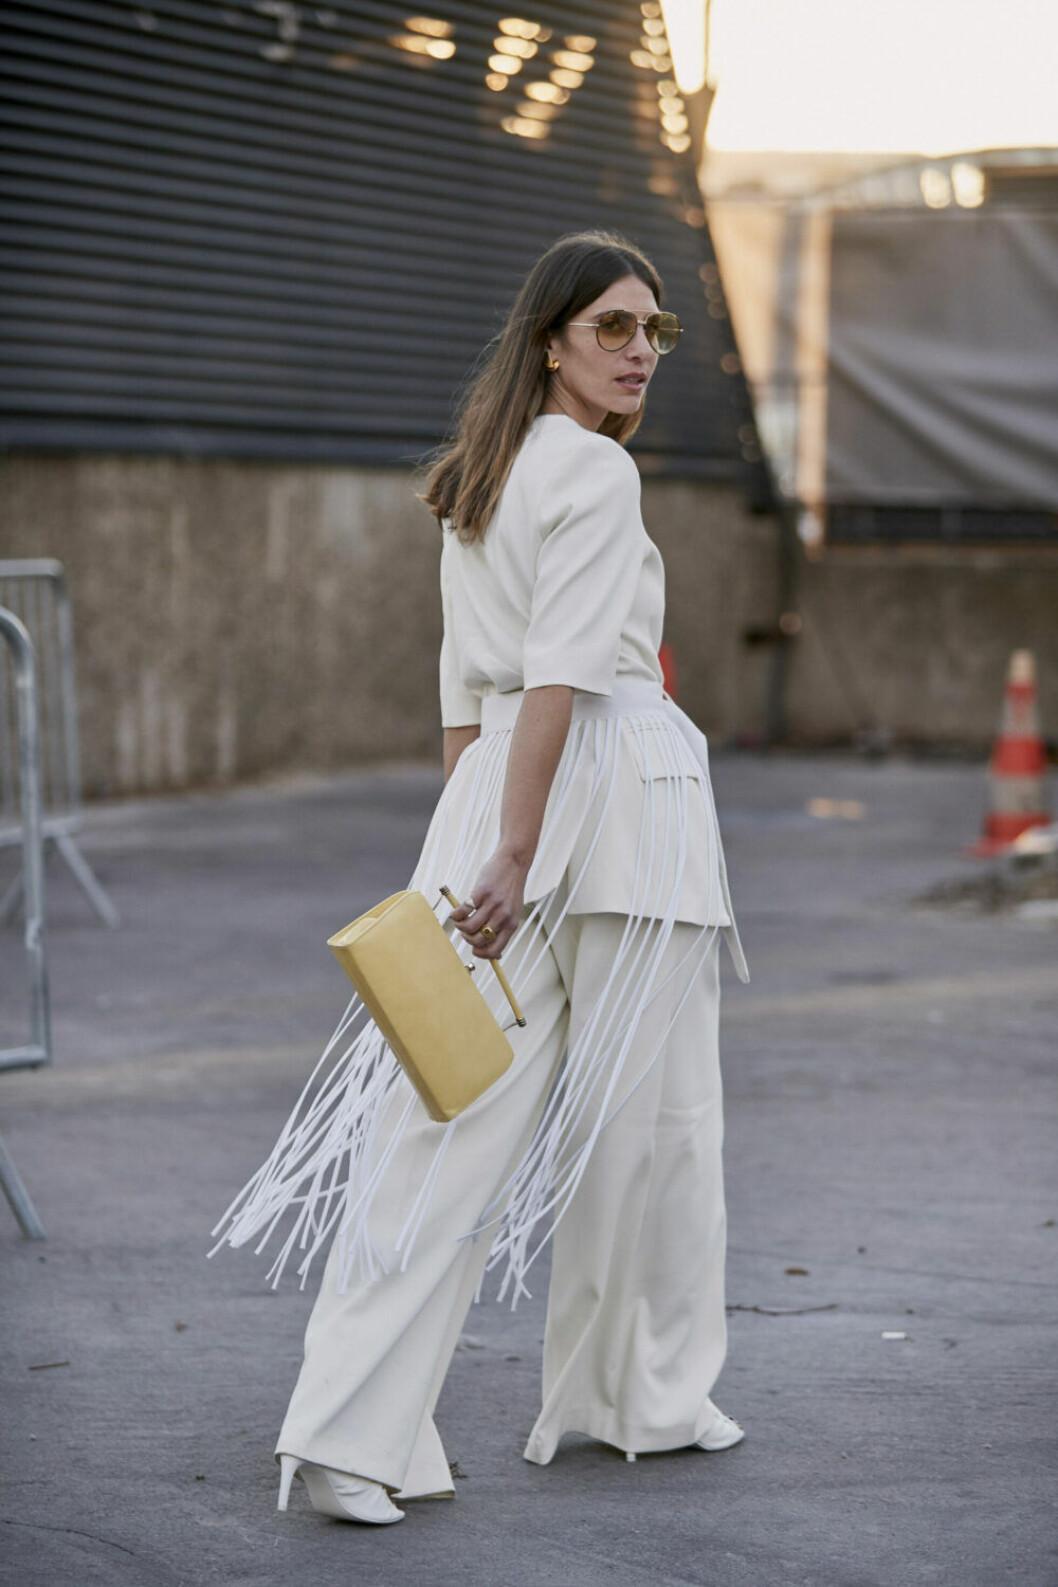 Streetstyle Paris FW, kvinna i vit outfit med gul väska.